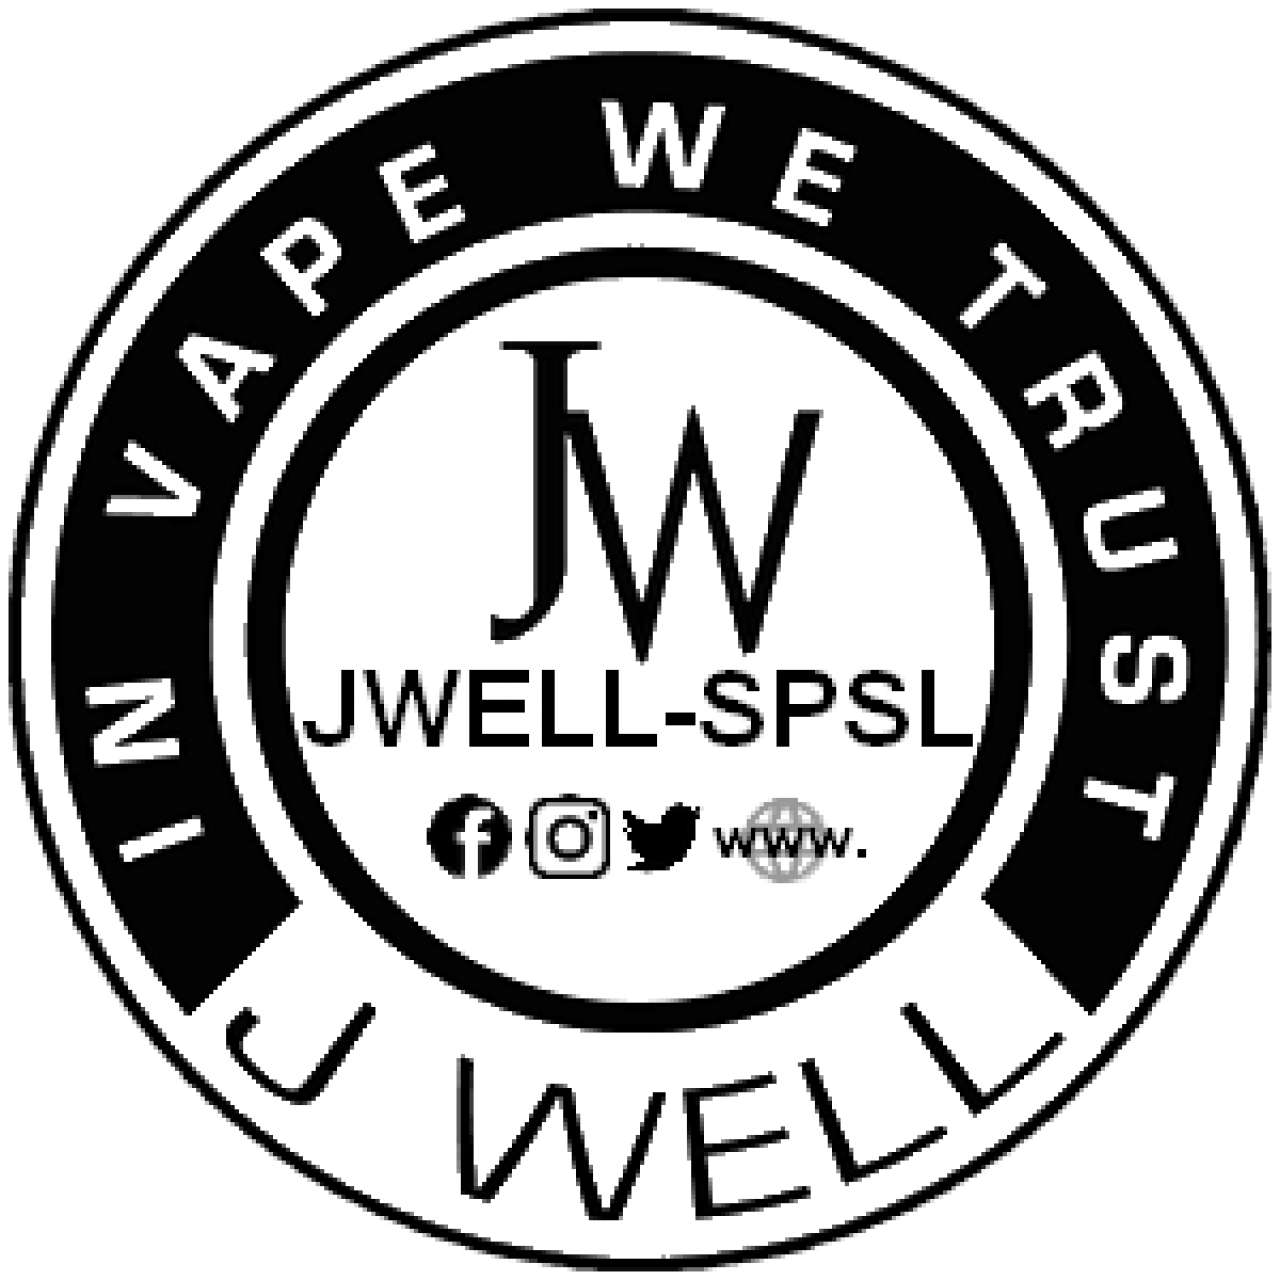 Boutique de vape spécialisée JWELL située à SAINT-PèRE-SUR-LOIRE